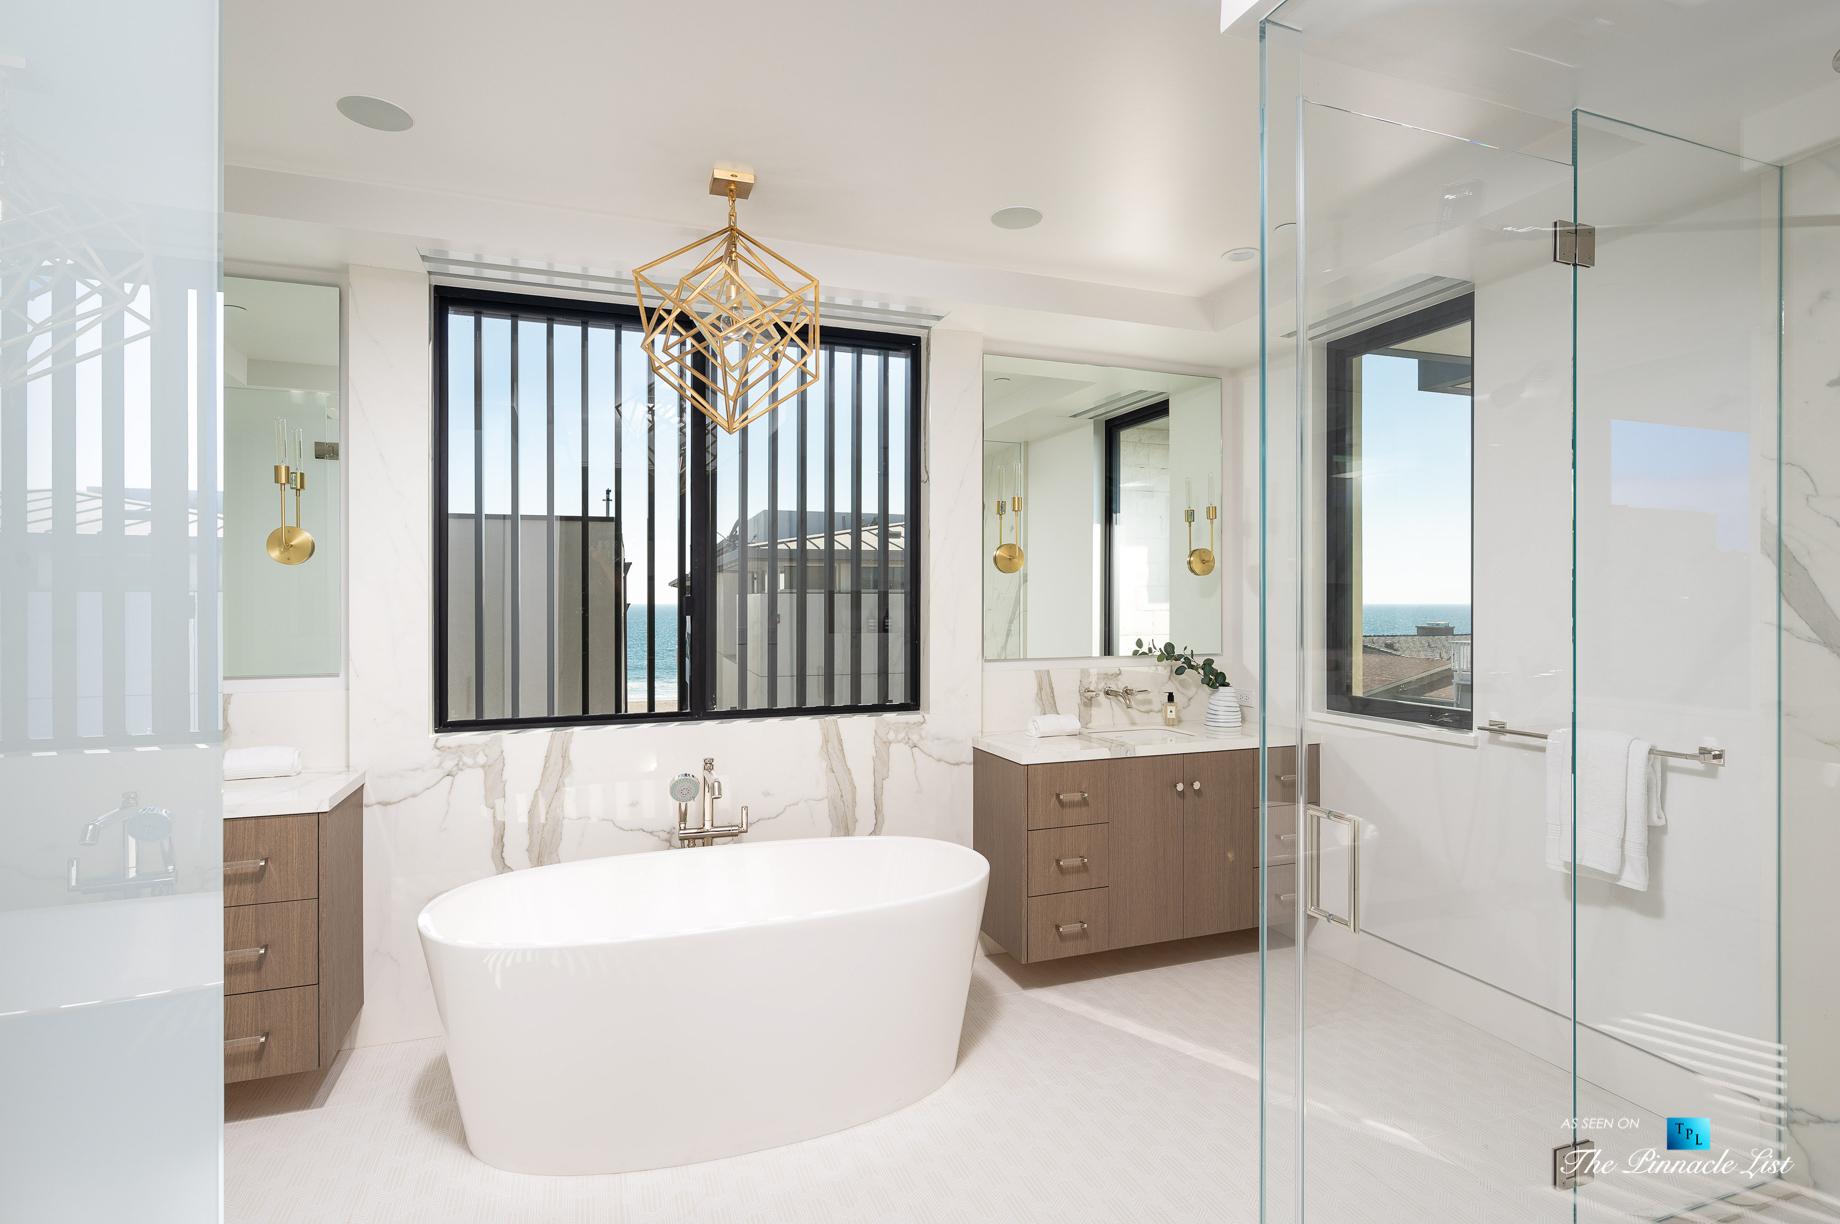 2016 Ocean Dr, Manhattan Beach, CA, USA – Master Bathroom – Luxury Real Estate – Modern Ocean View Home